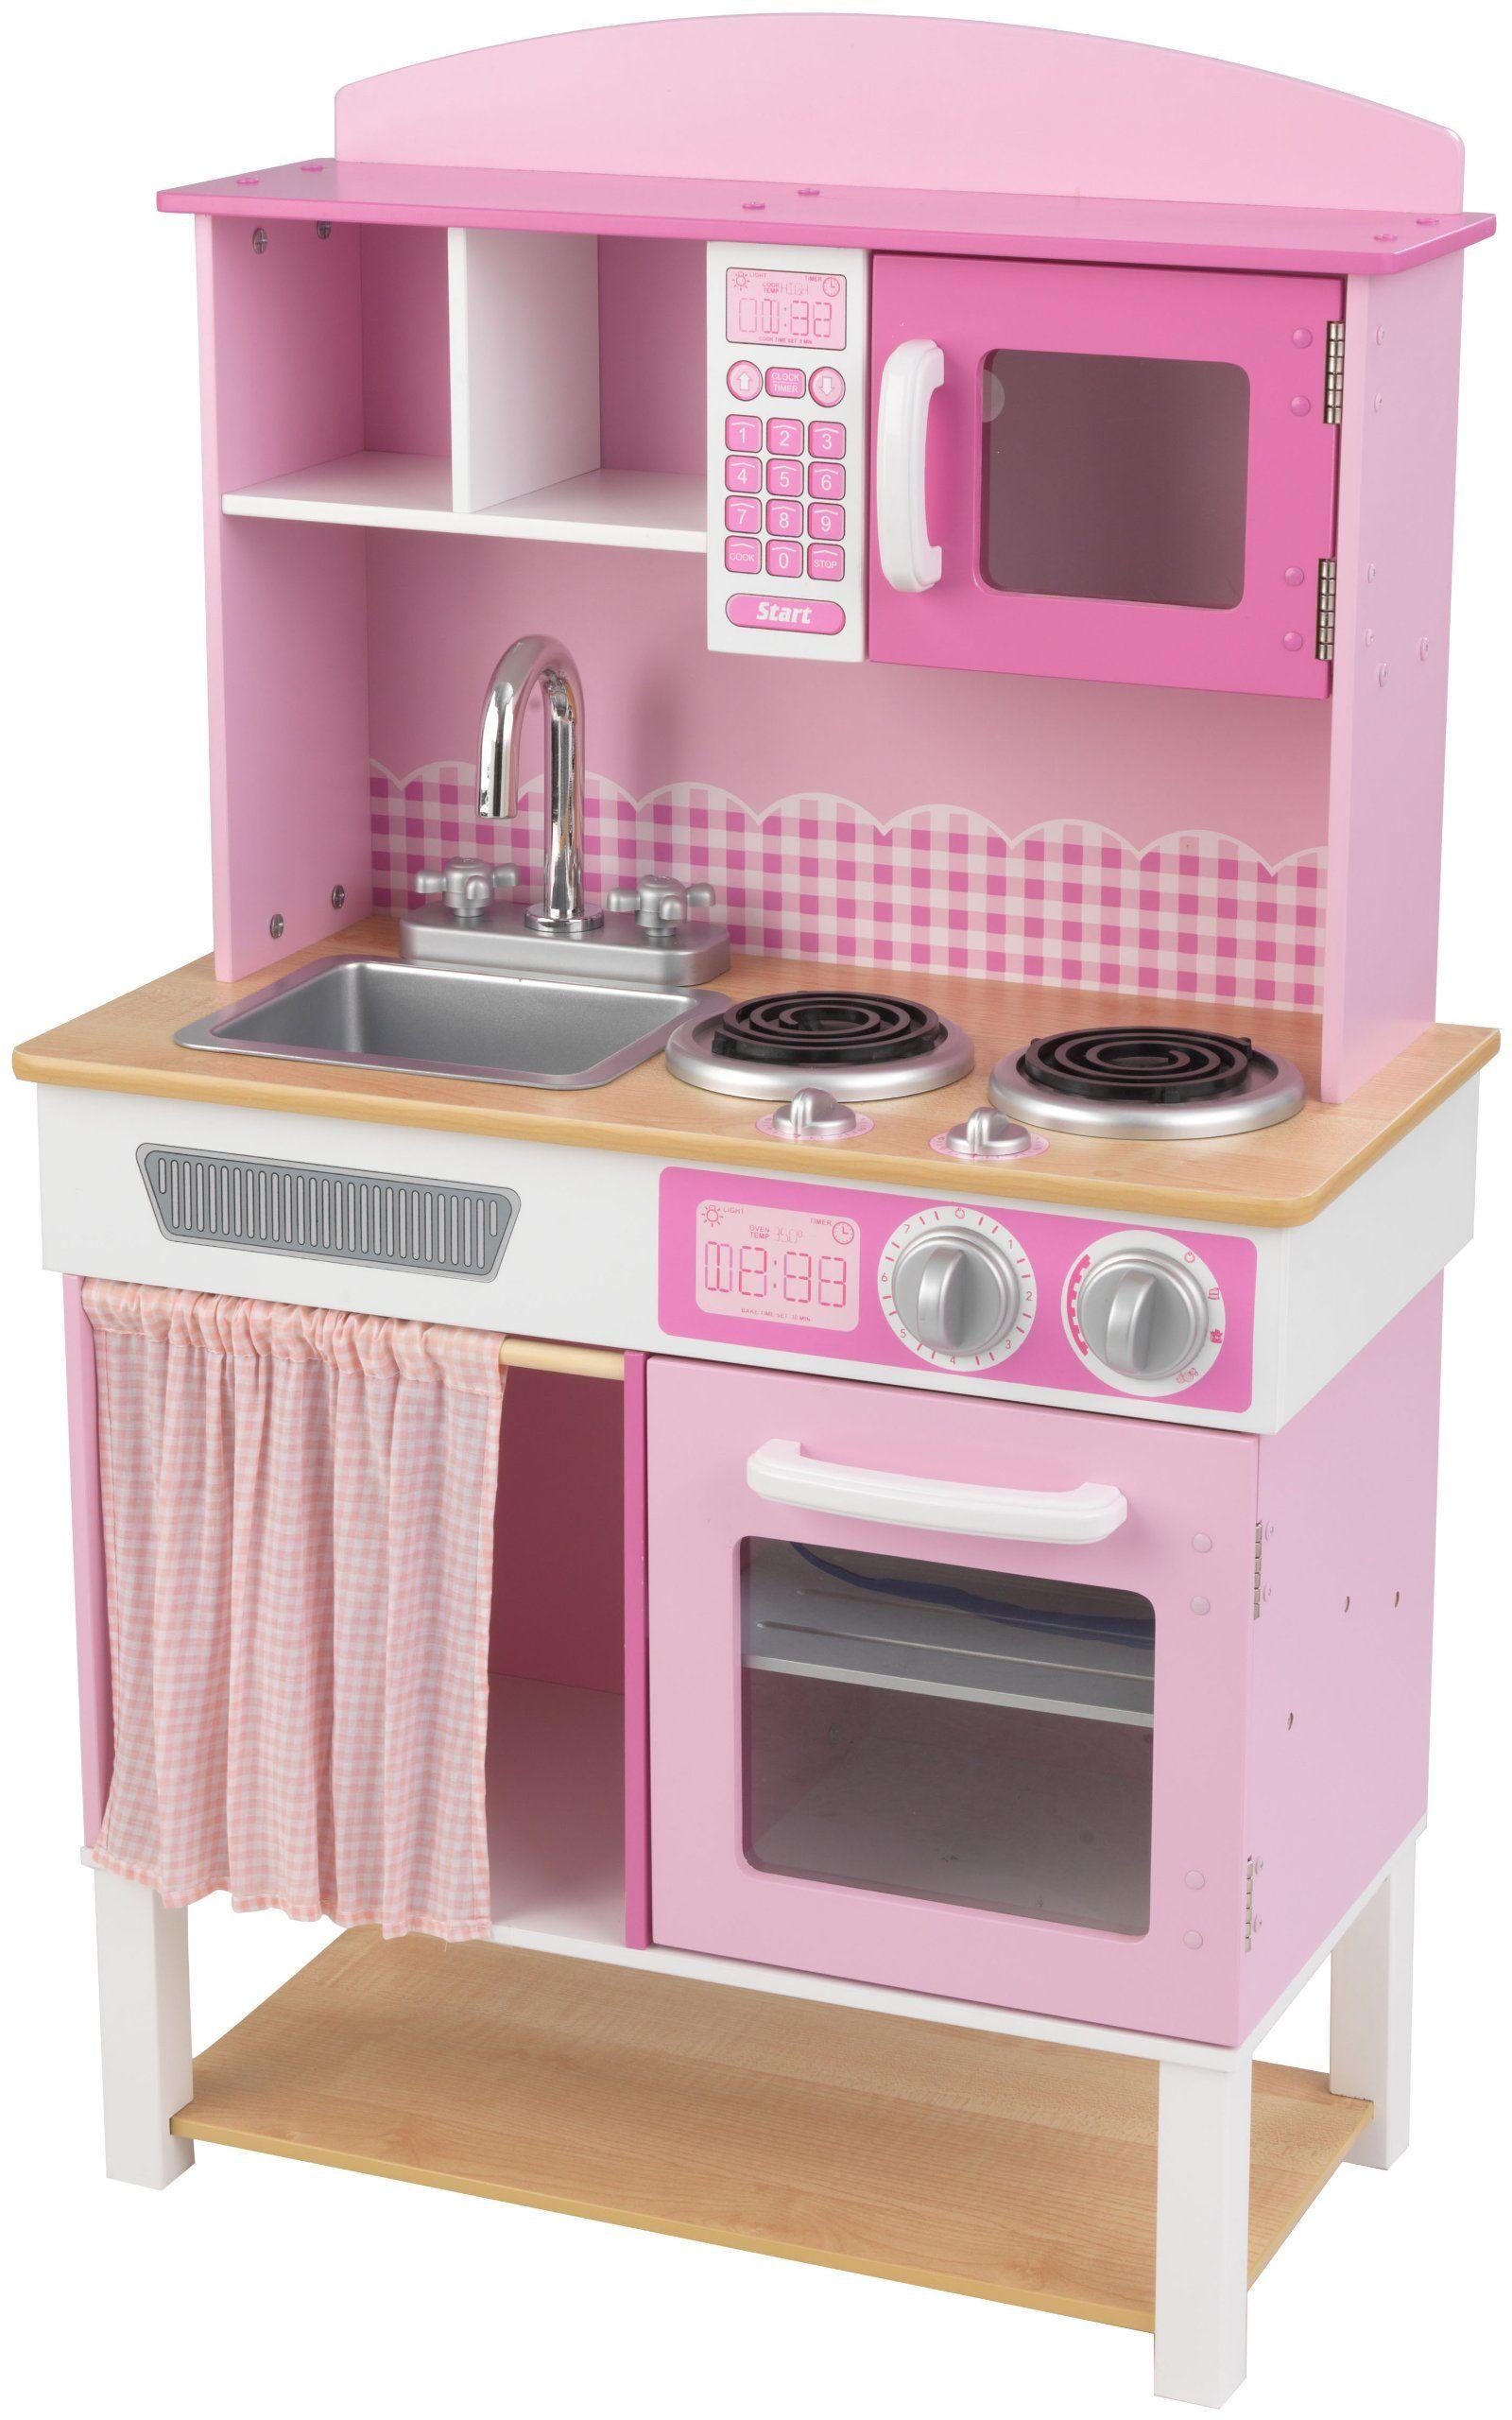 KidKraft 53198 Home Cookin drewniana kuchnia do zabawy dla dzieci